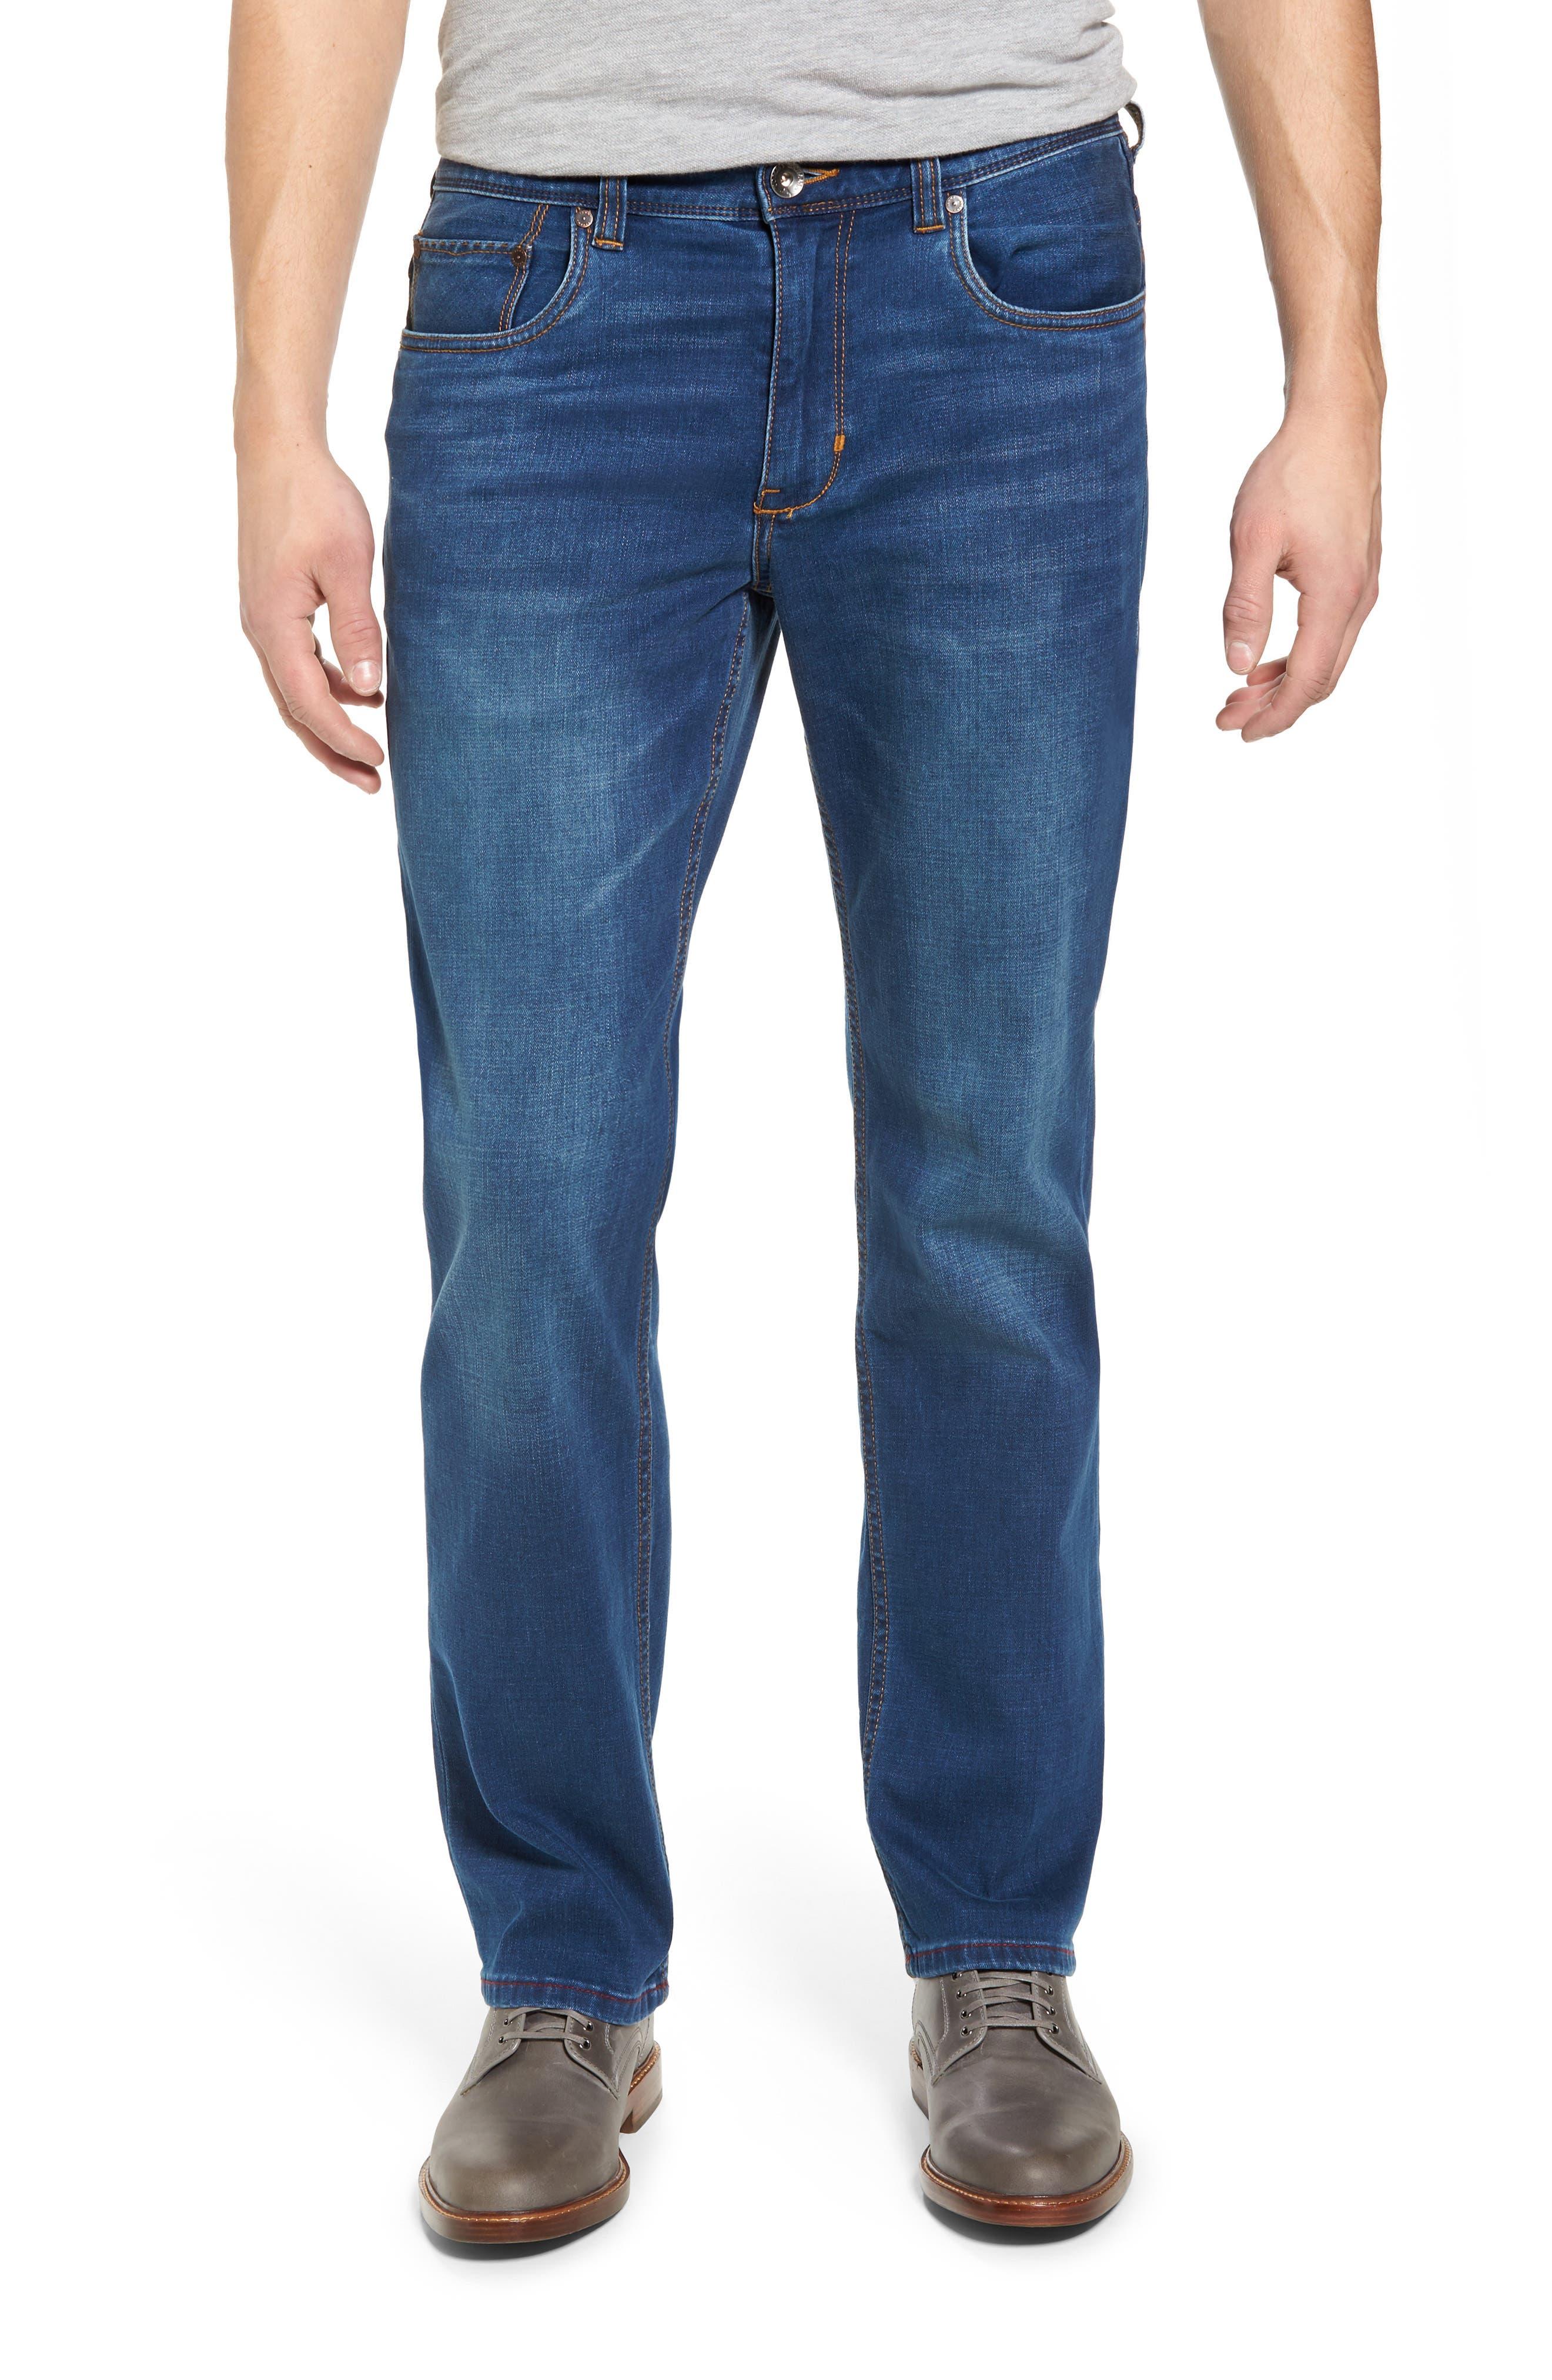 Caicos Authentic Fit Jeans,                         Main,                         color, Medium Indigo